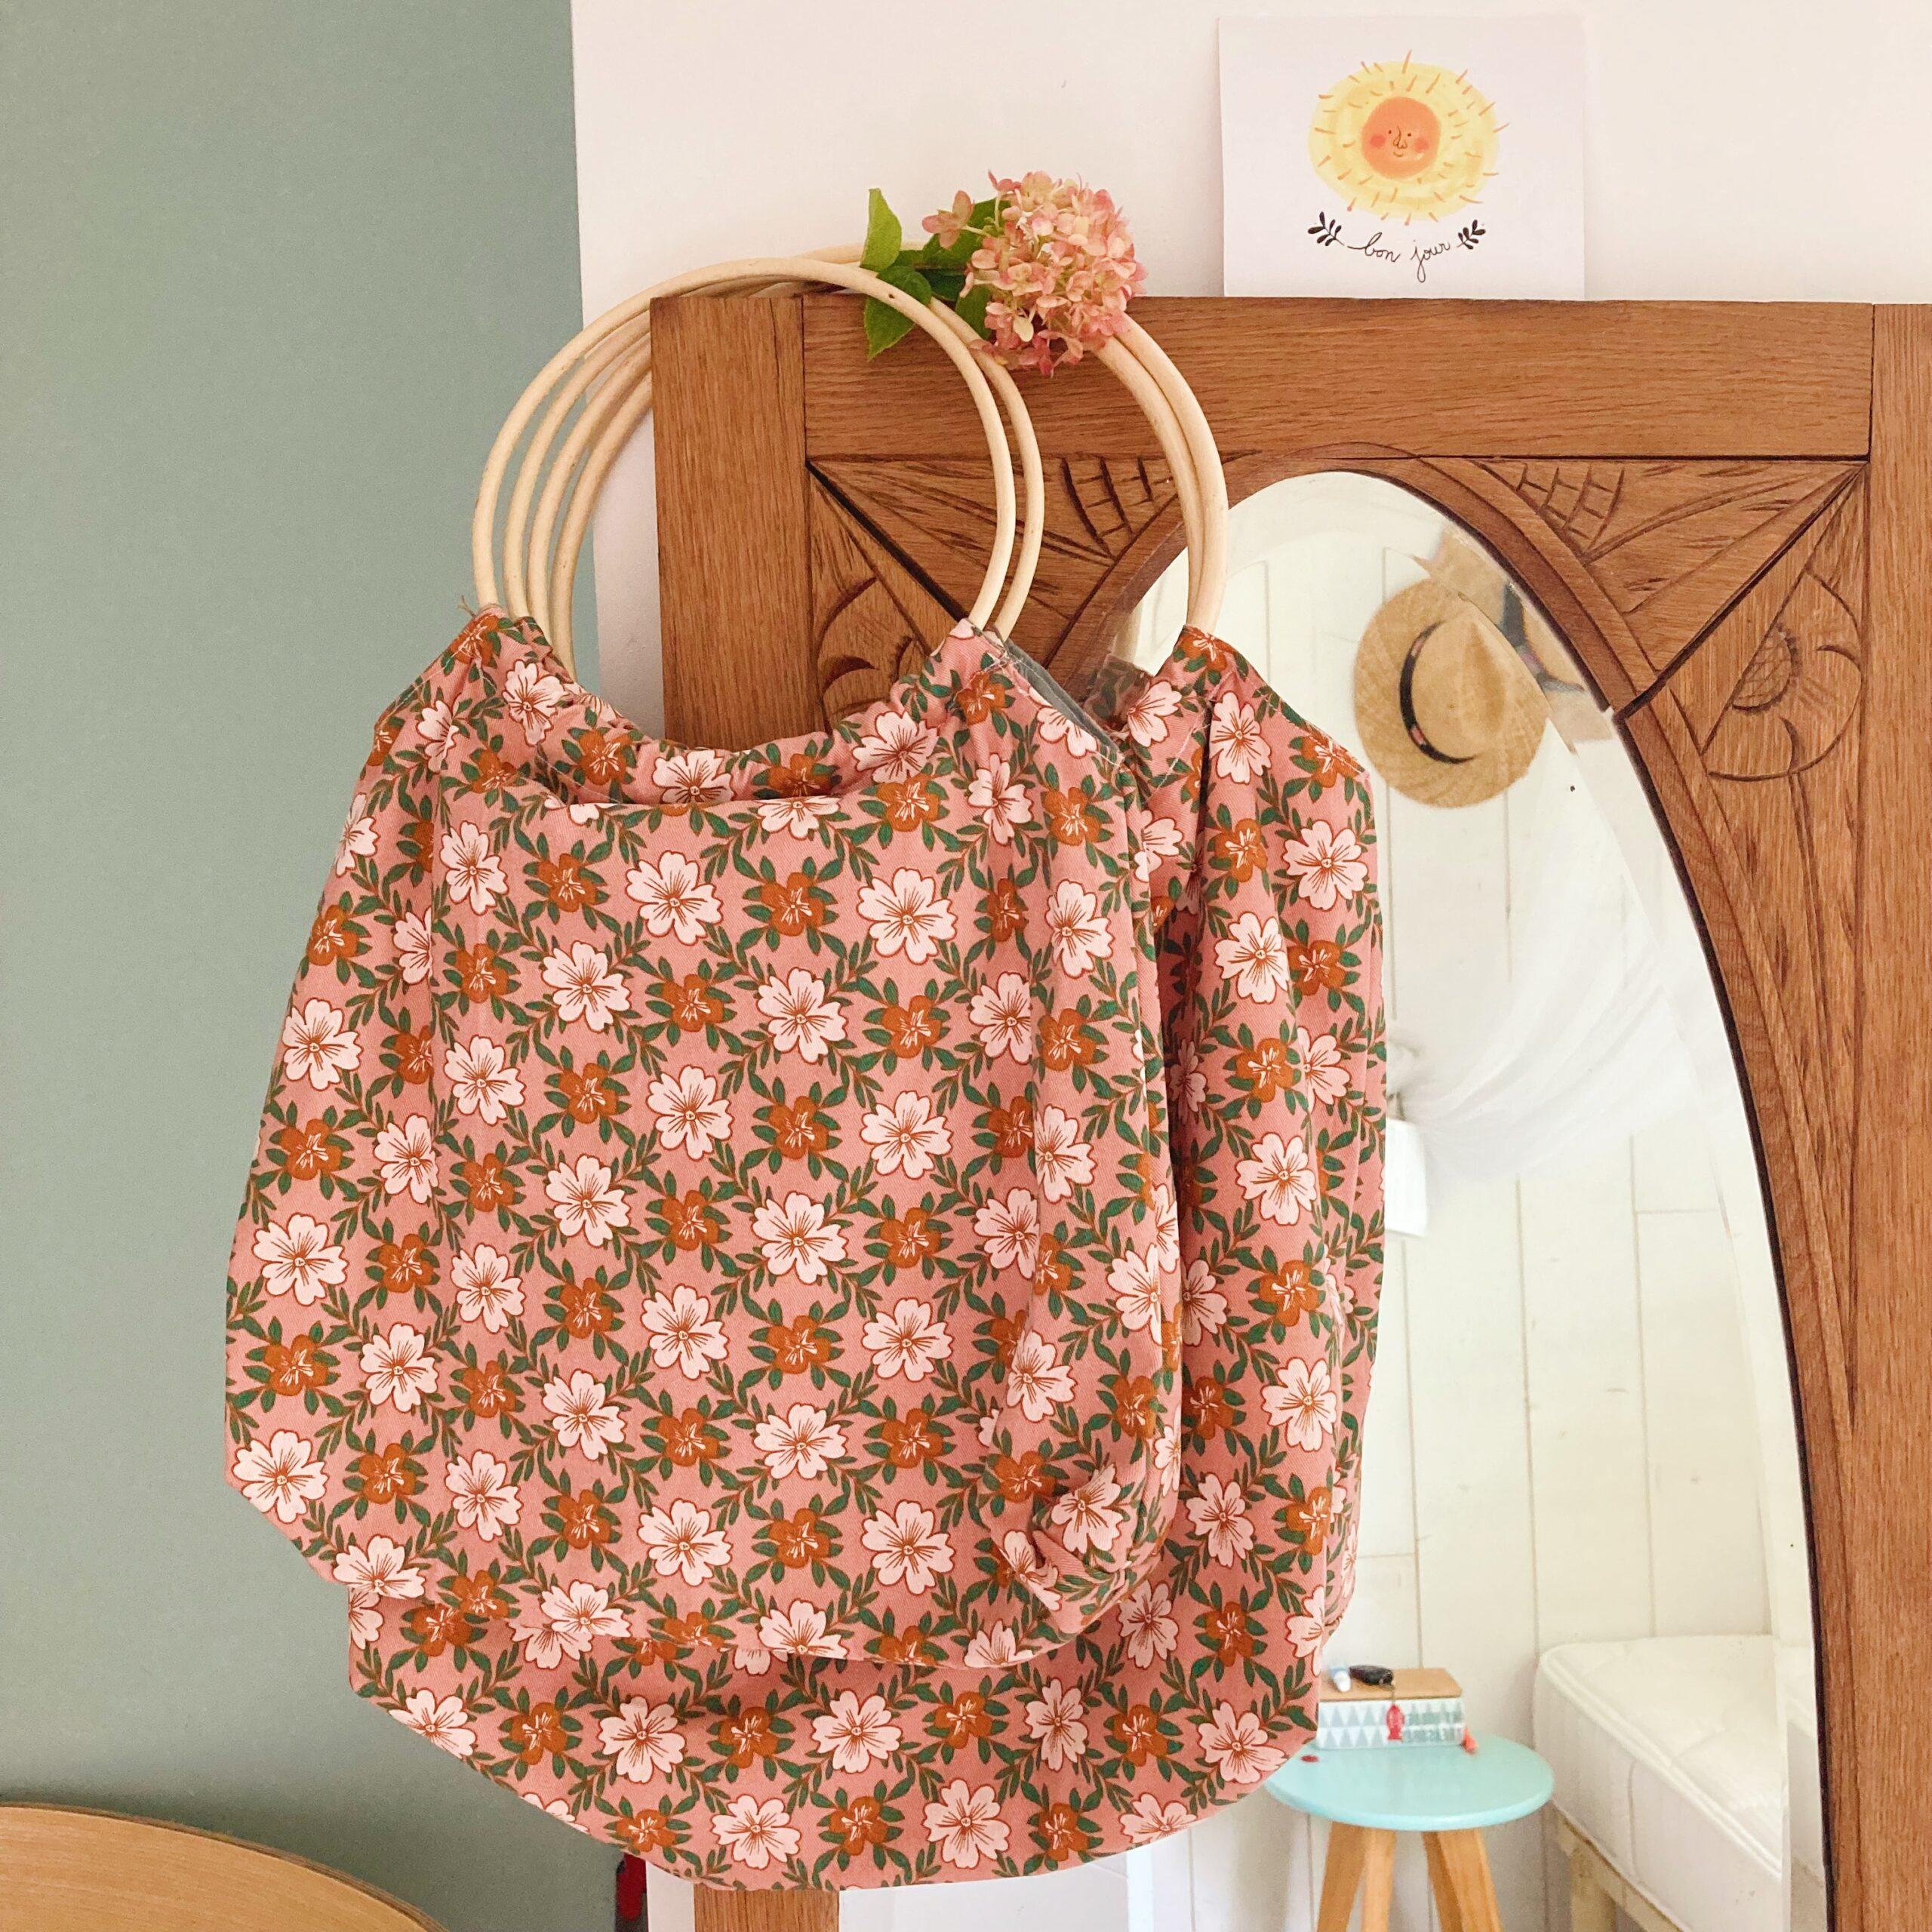 sacs Paulette anses rotin vintage fabrication artisanale française coton fleuri - du vent dans mes valises